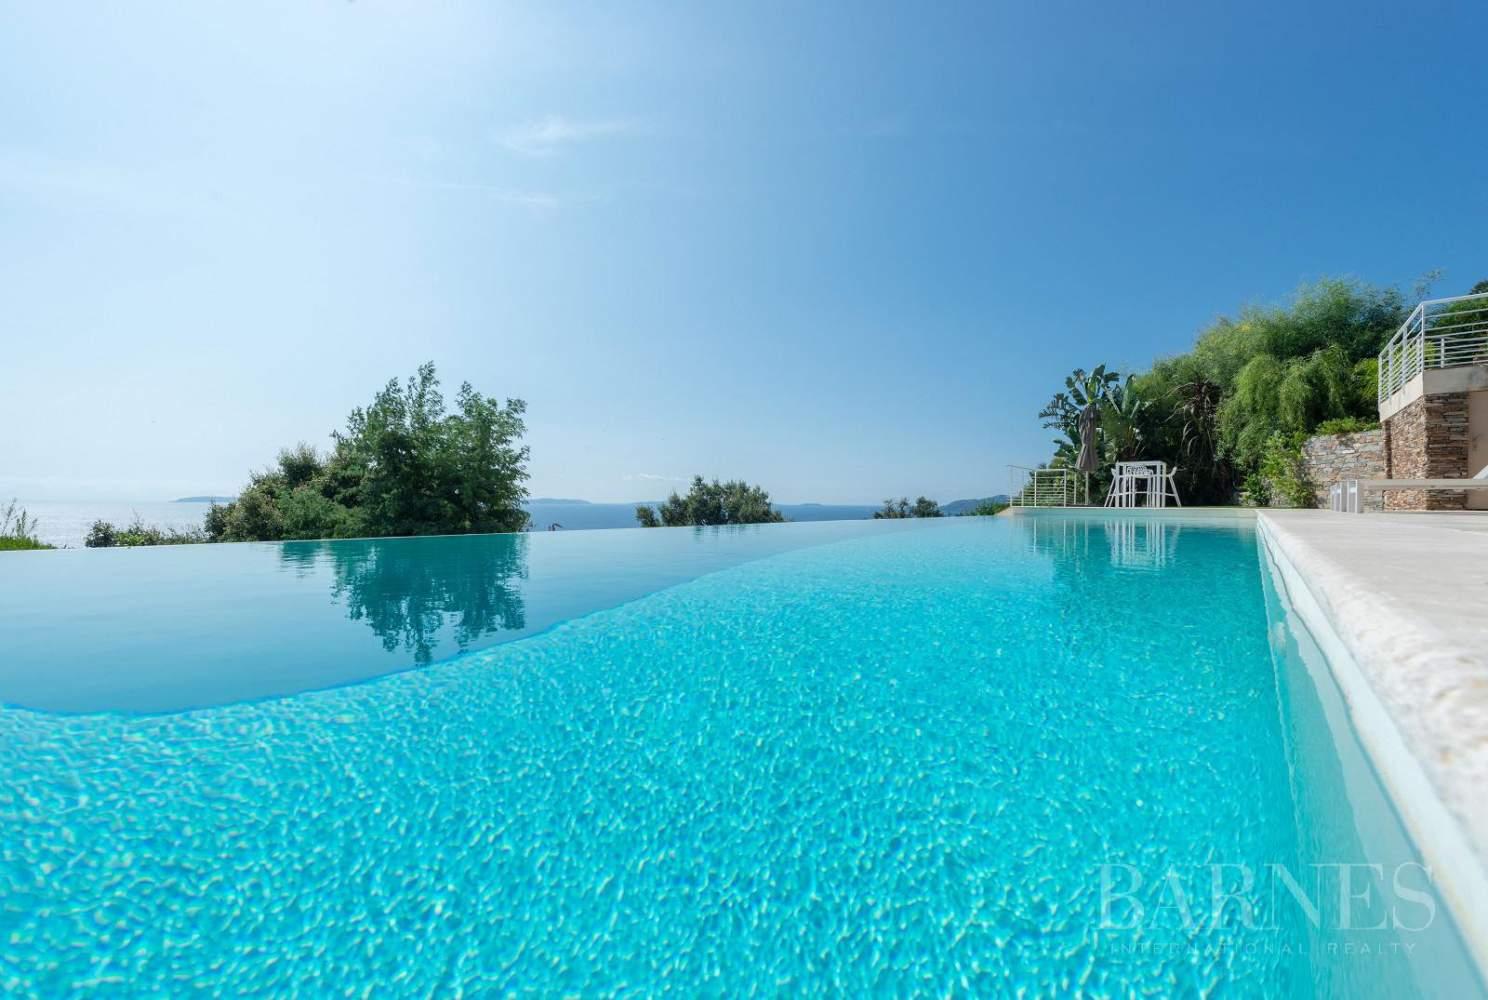 A vendre Le Lavandou villa 6 chambres vue mer panoramique - piscine picture 11